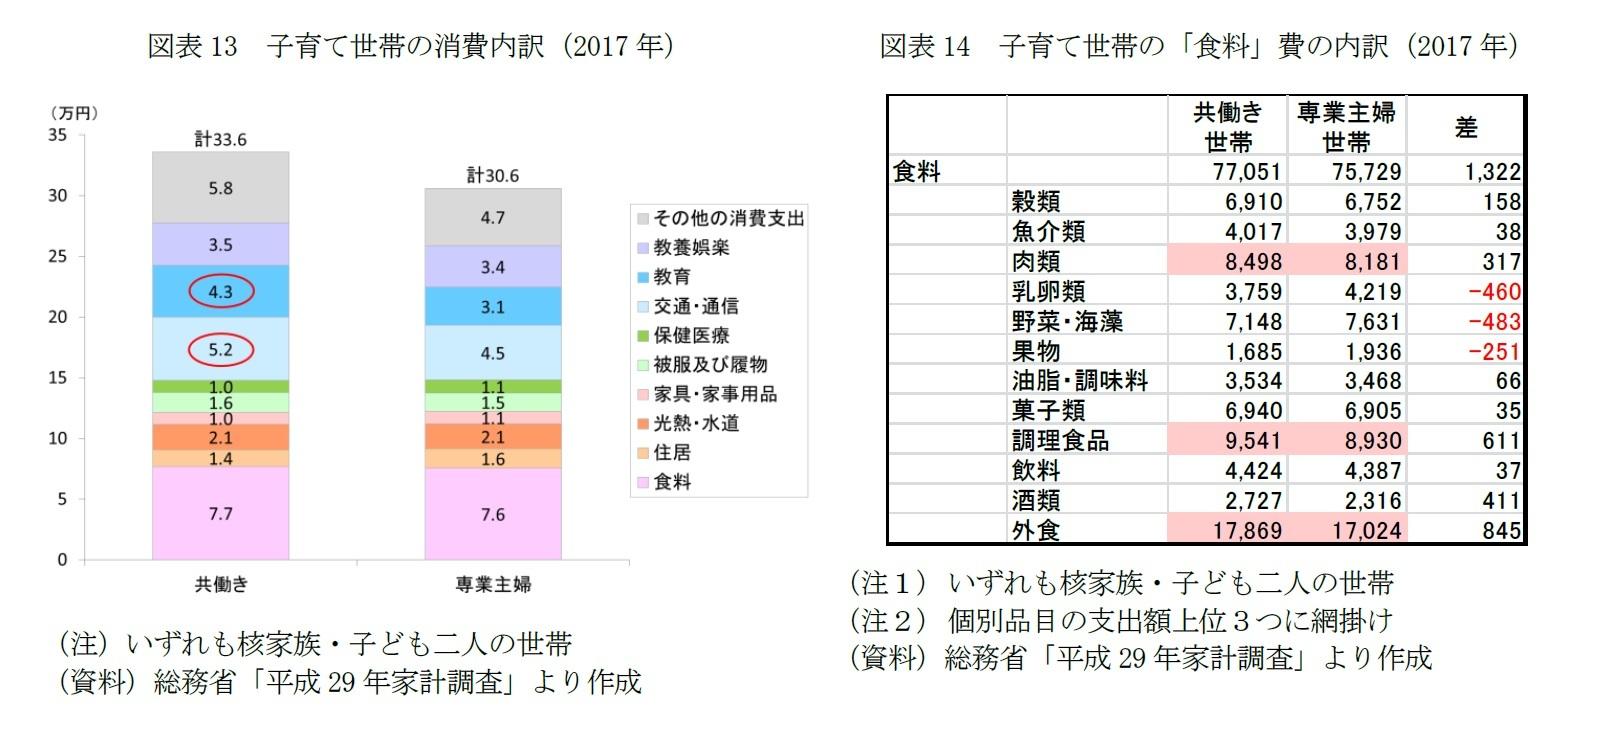 図表13 子育て世帯の消費内訳(2017年)/図表14 子育て世帯の「食料」費の内訳(2017年)